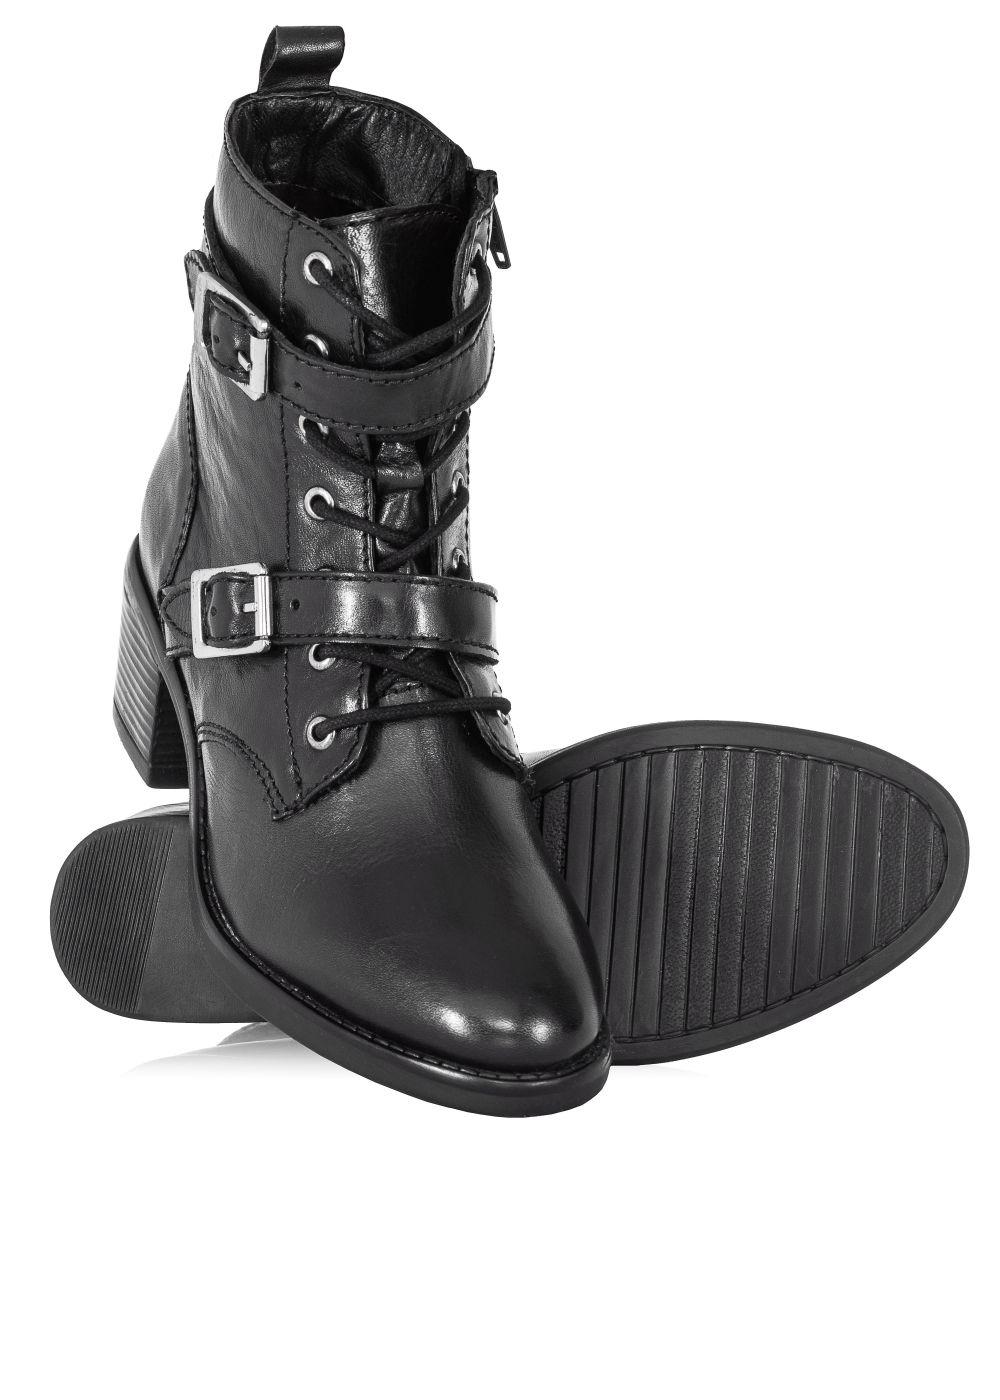 Ochnik Buty Damskie Butyd 0583 99 Z20 Biker Boot Boots Shoes